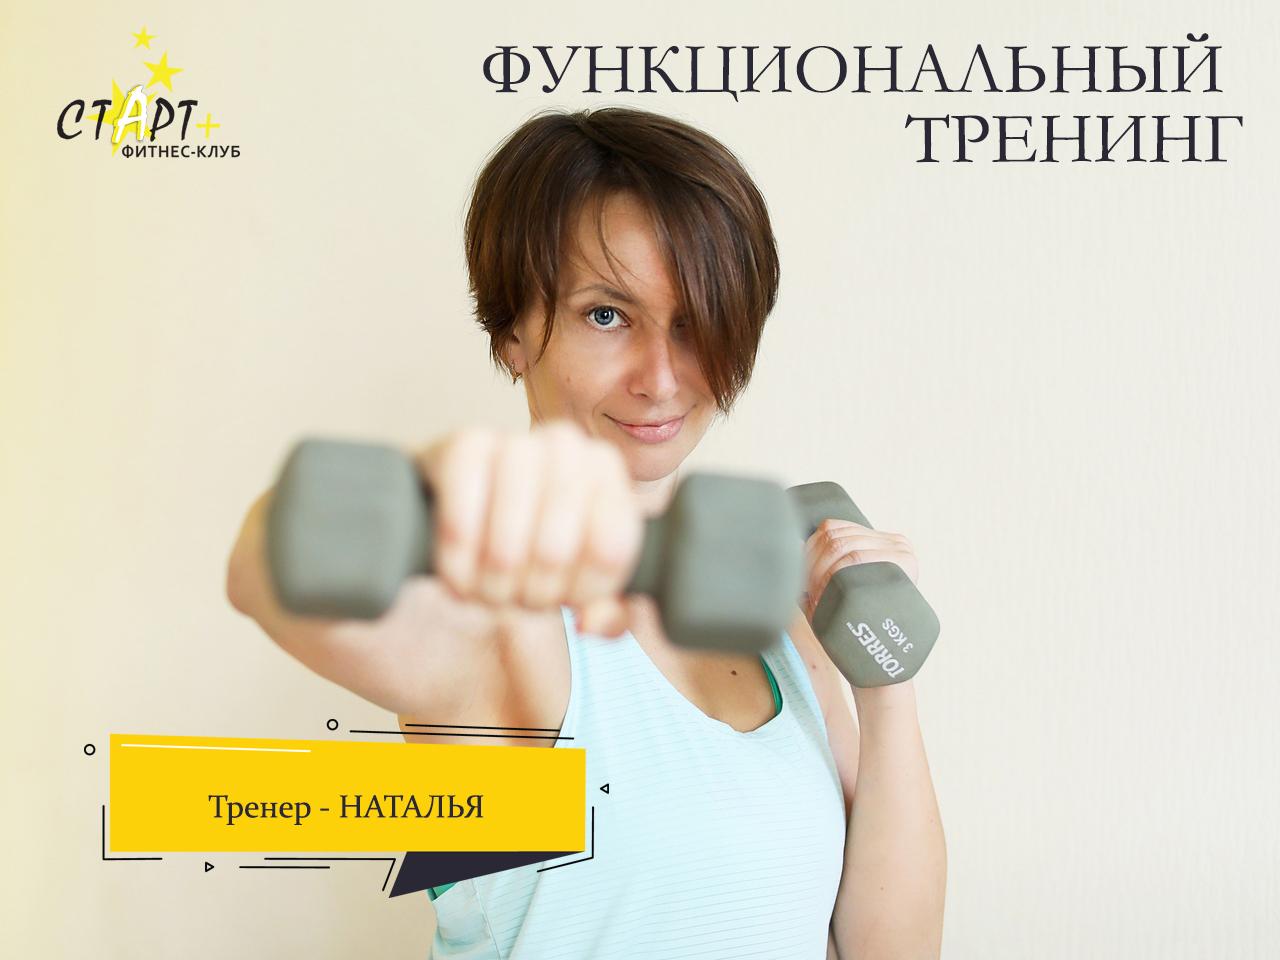 """Функциональный тренинг в фитнес-клубе """"Старт Плюс"""""""